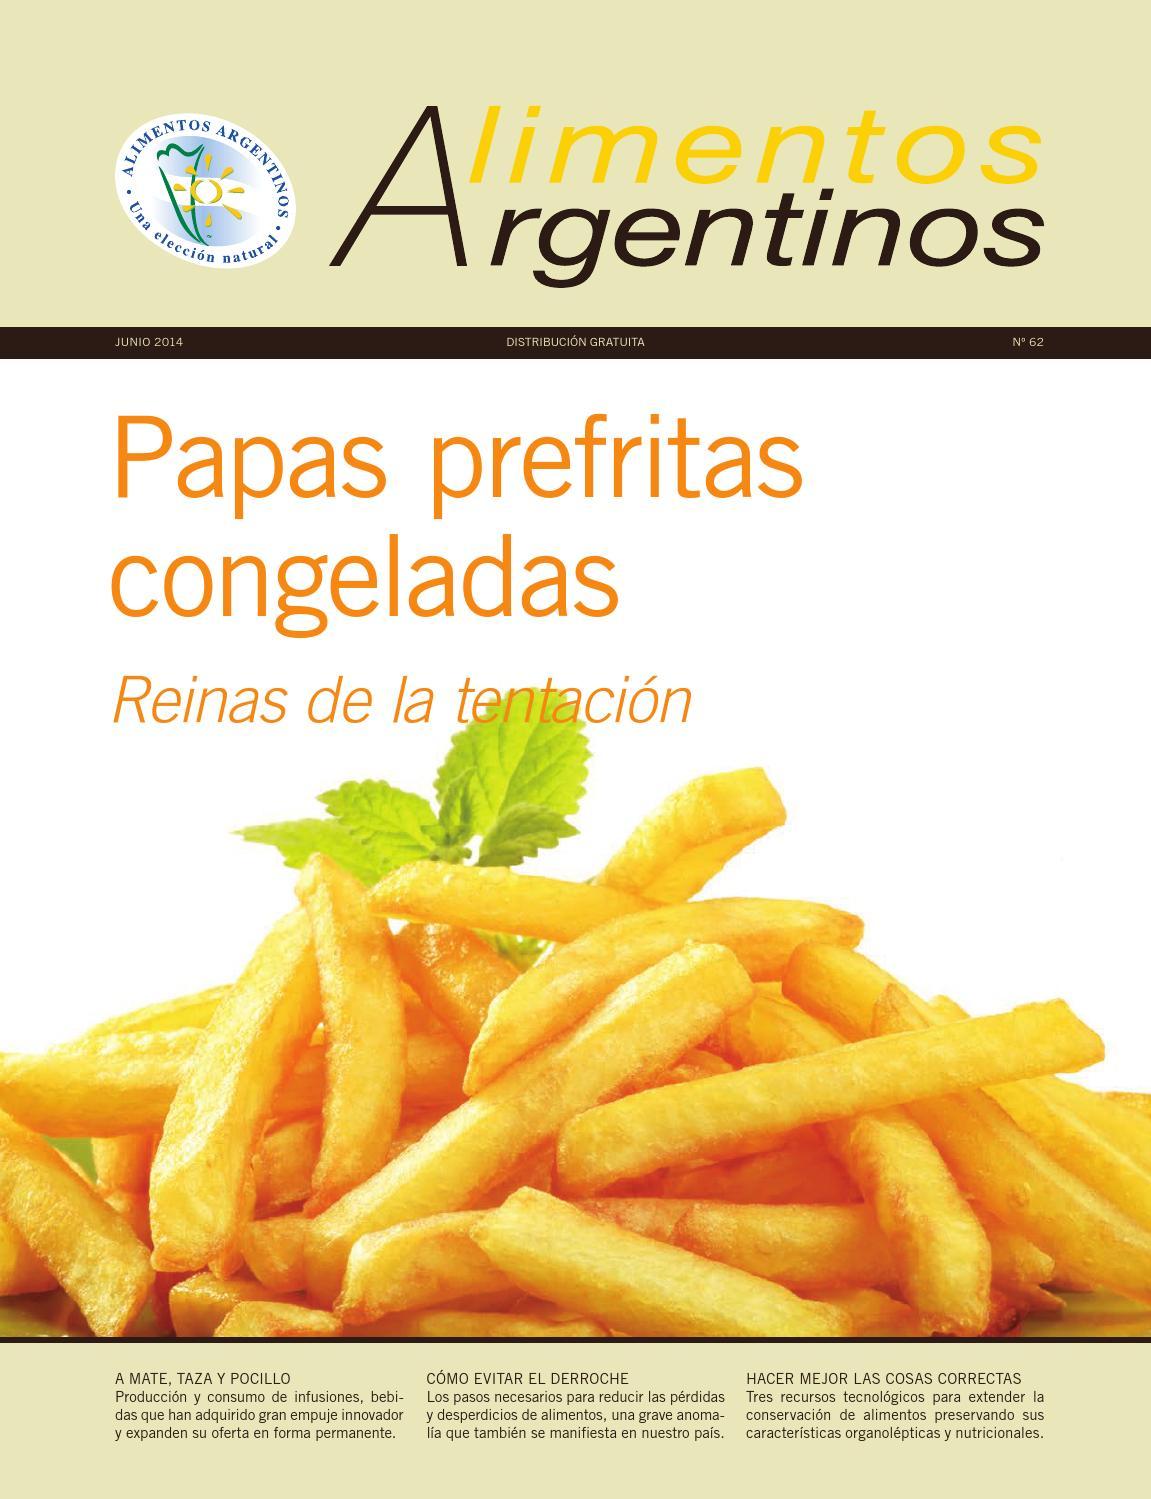 Revista alimentos argentinos n 62 by alimentos argentinos issuu - Empresas de alimentos congelados ...